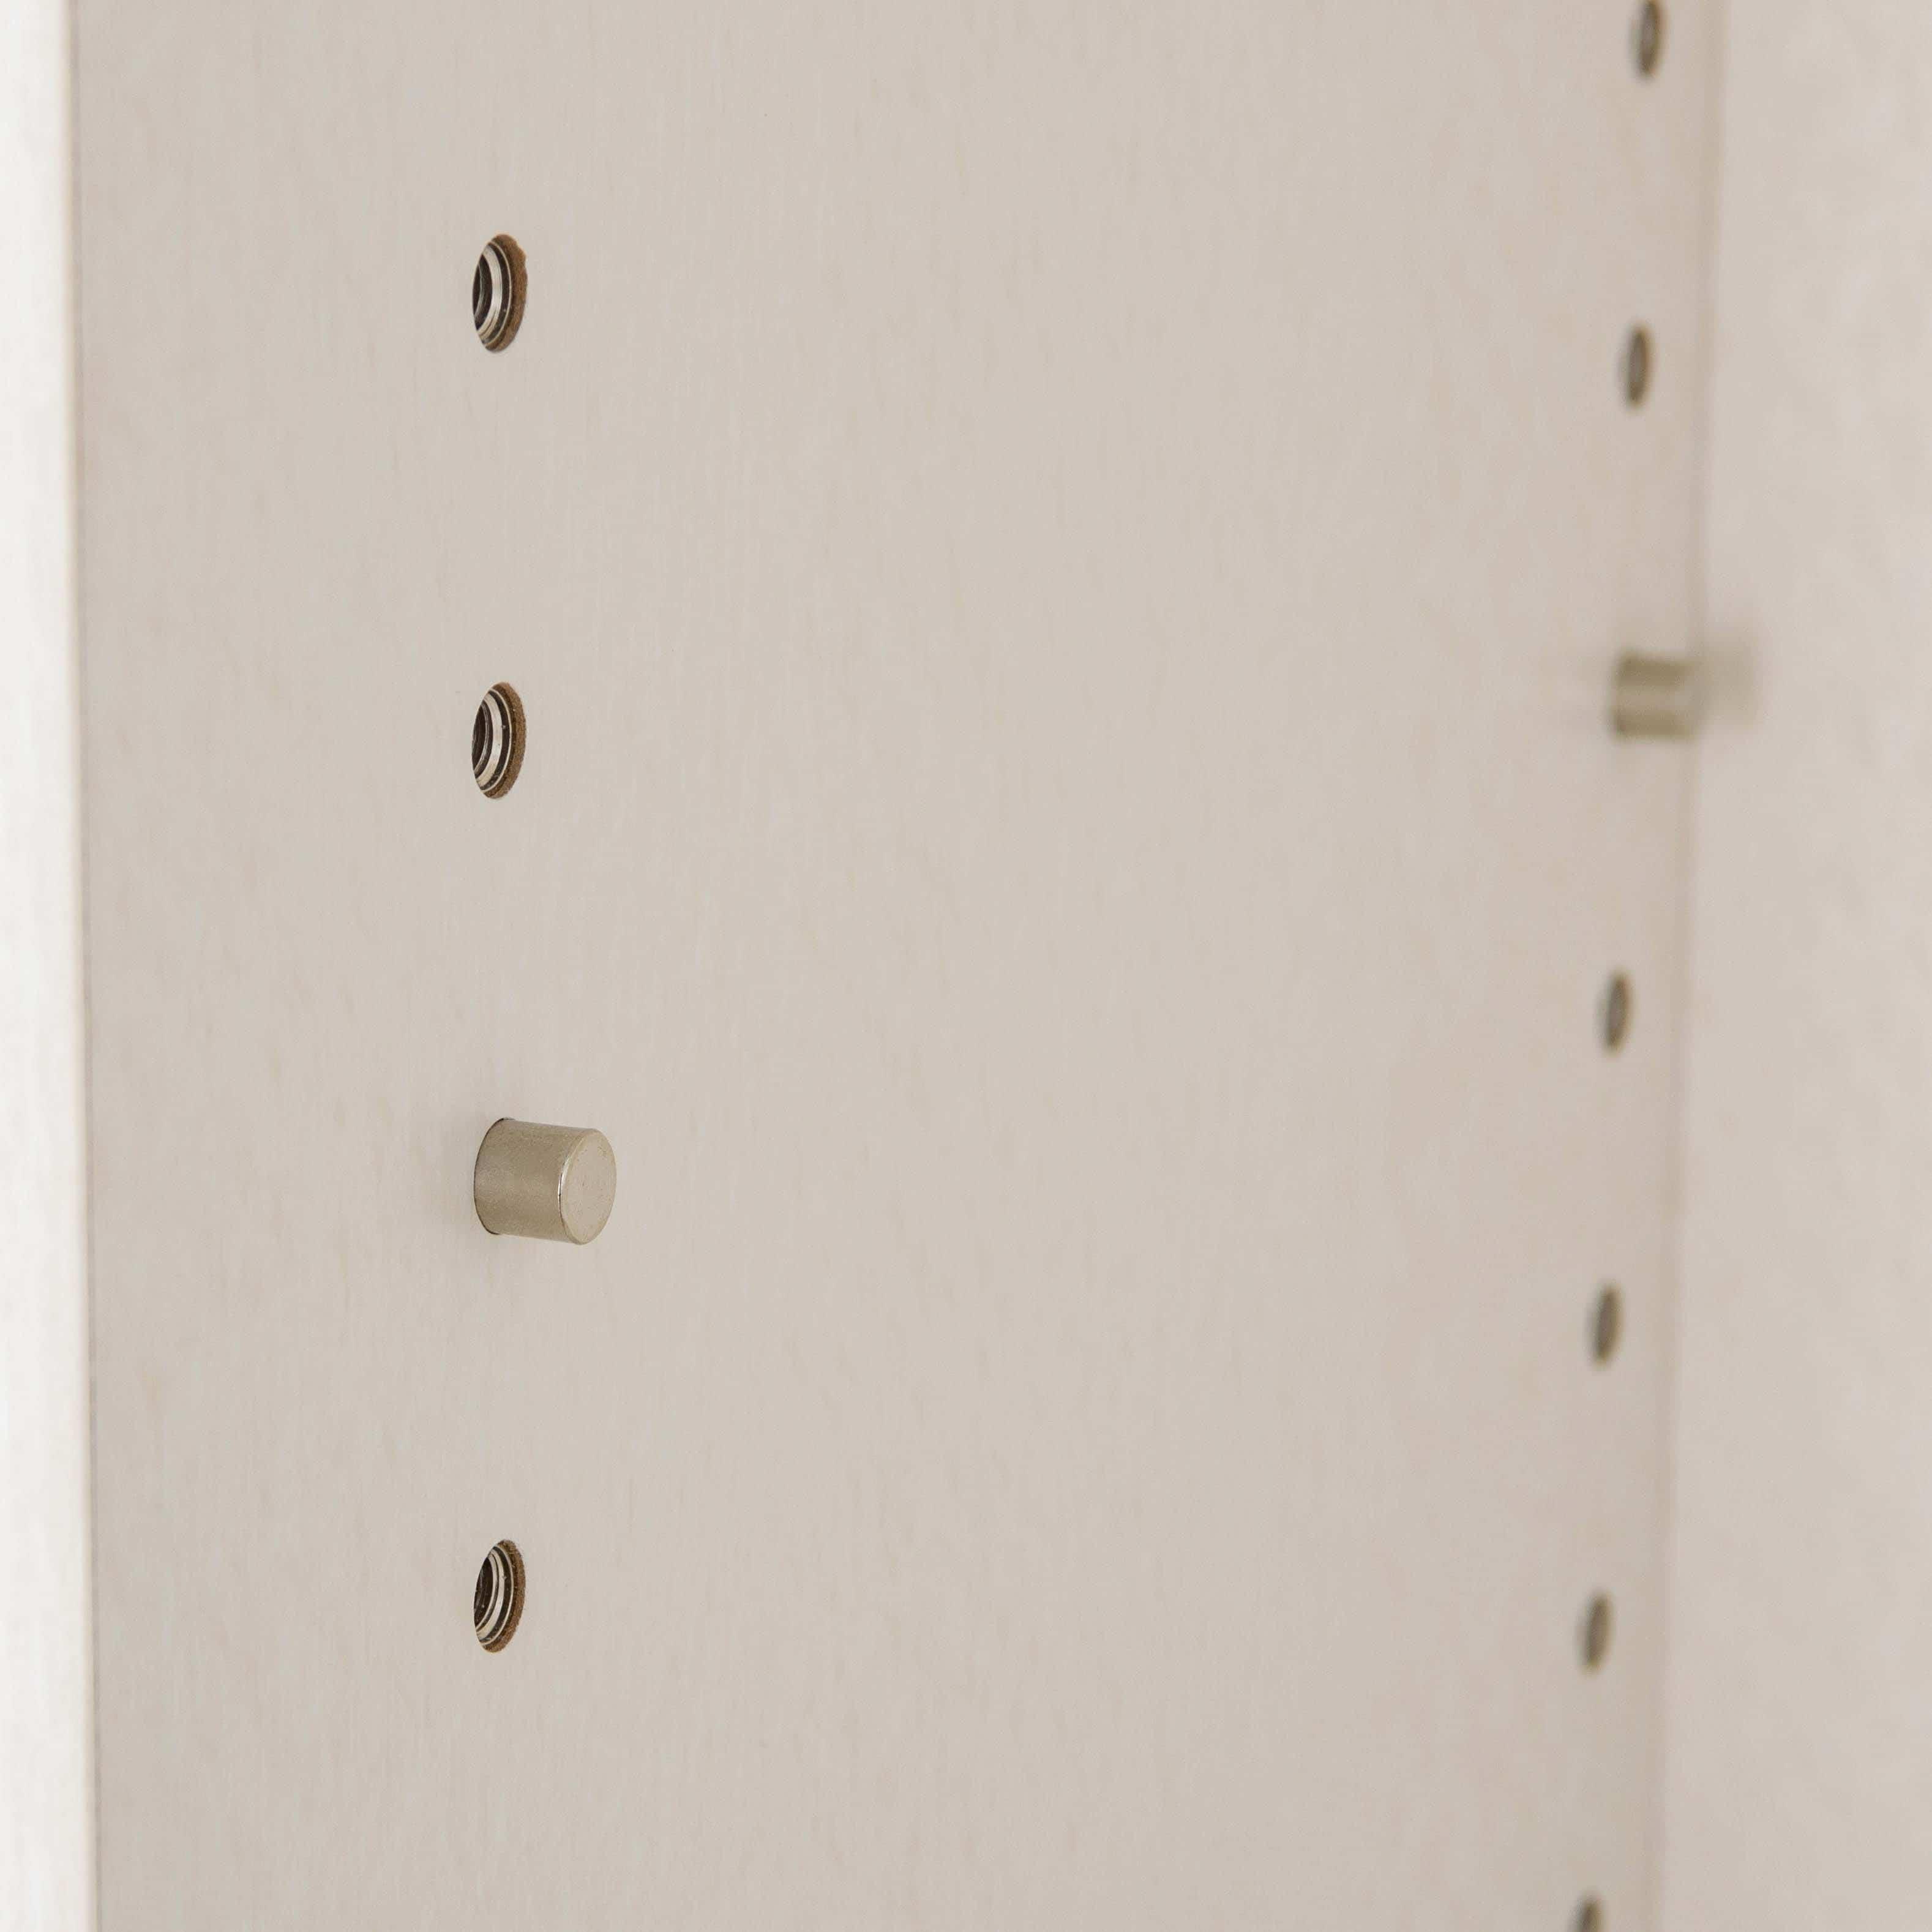 小島工芸 引出 アコード75用(チェリーナチュラル):キレイに収まる魅せる収納